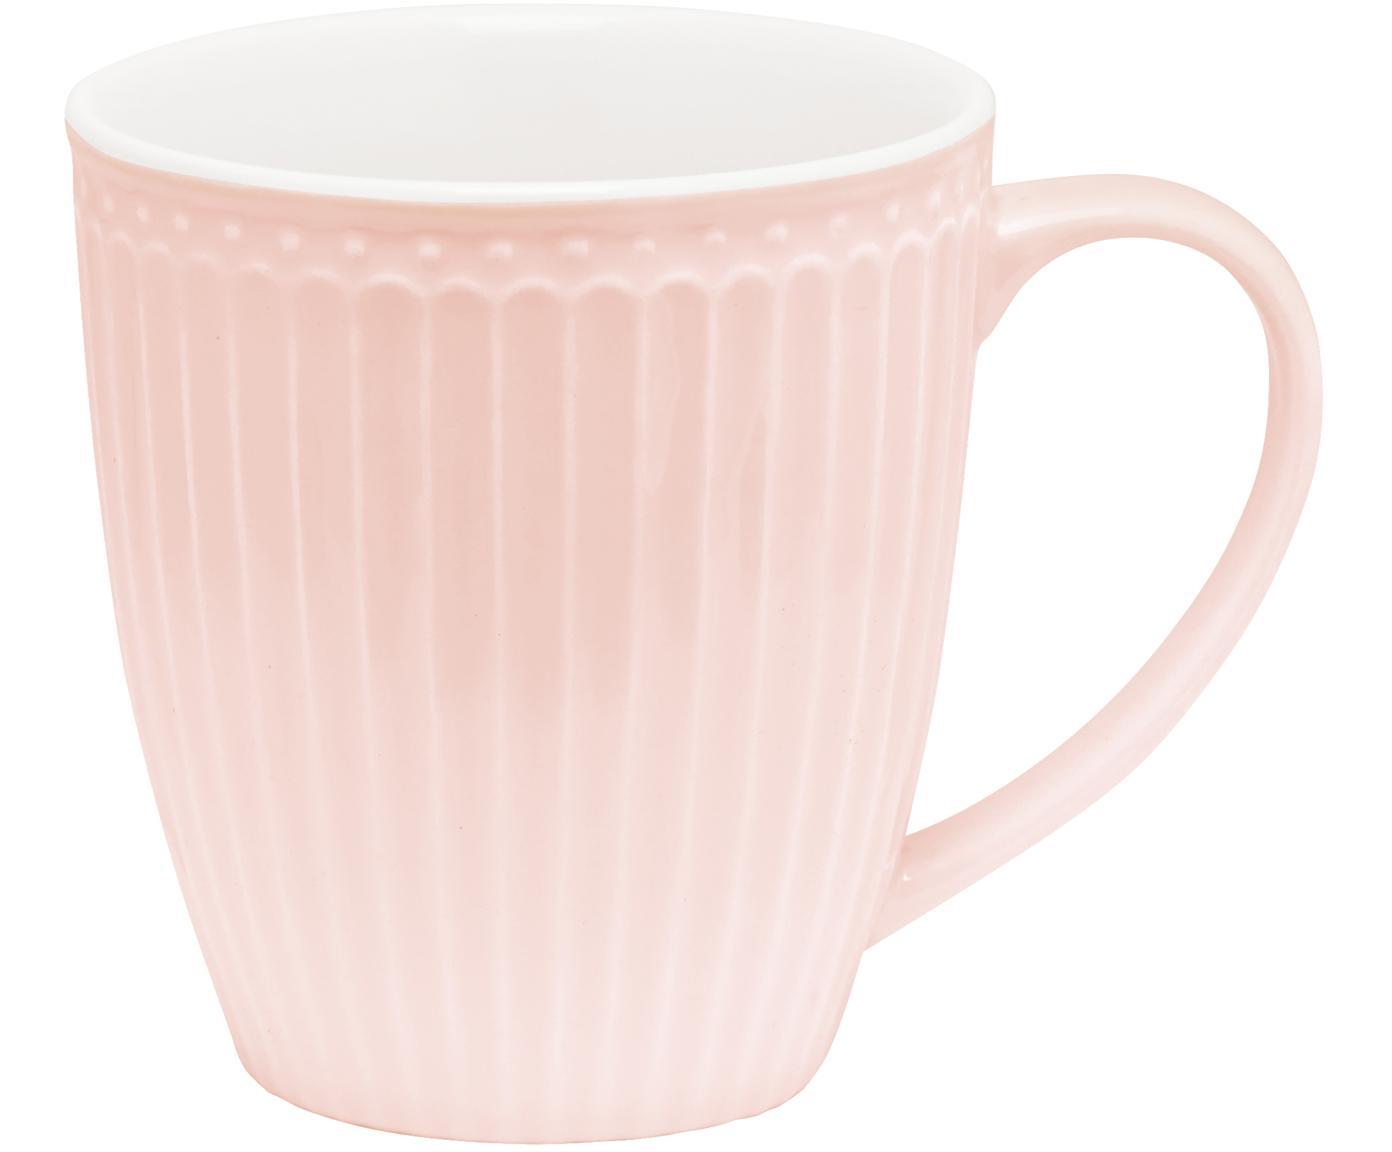 Handgefertigte Tassen Alice in Rosa mit Reliefdesign, 2 Stück, Steingut, Rosa, Ø 10 x H 10 cm